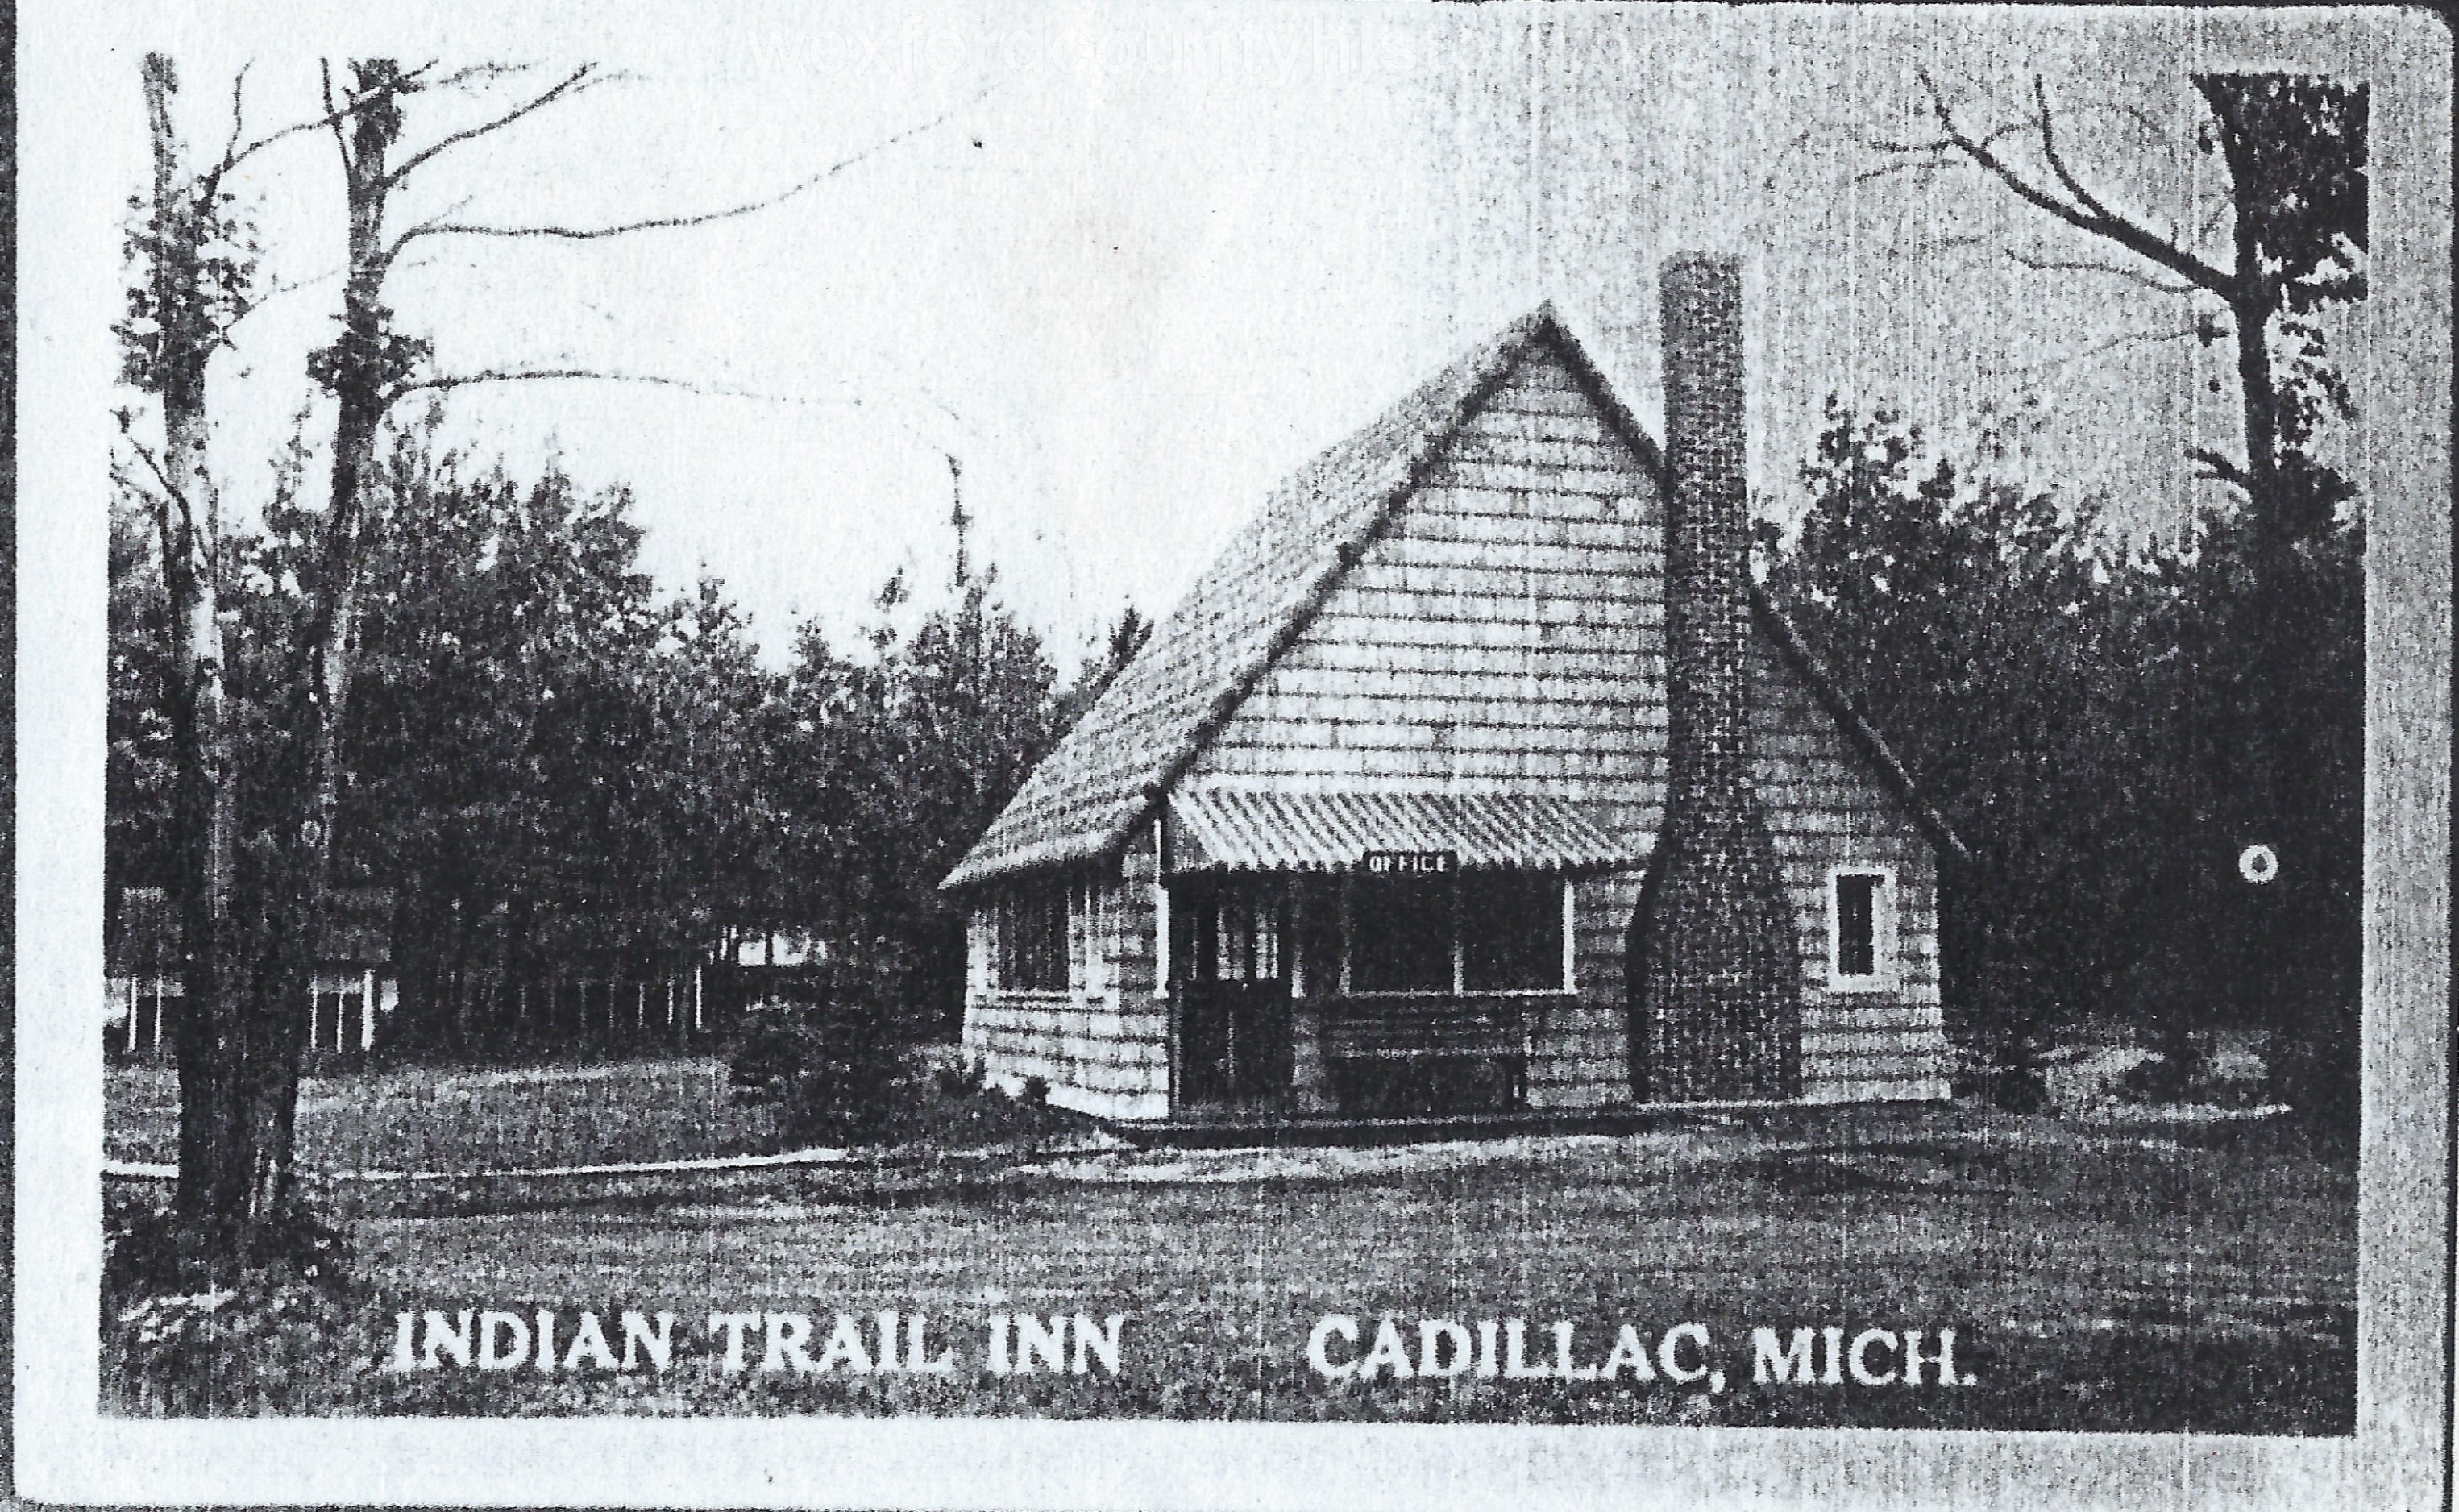 Indian Trail Inn